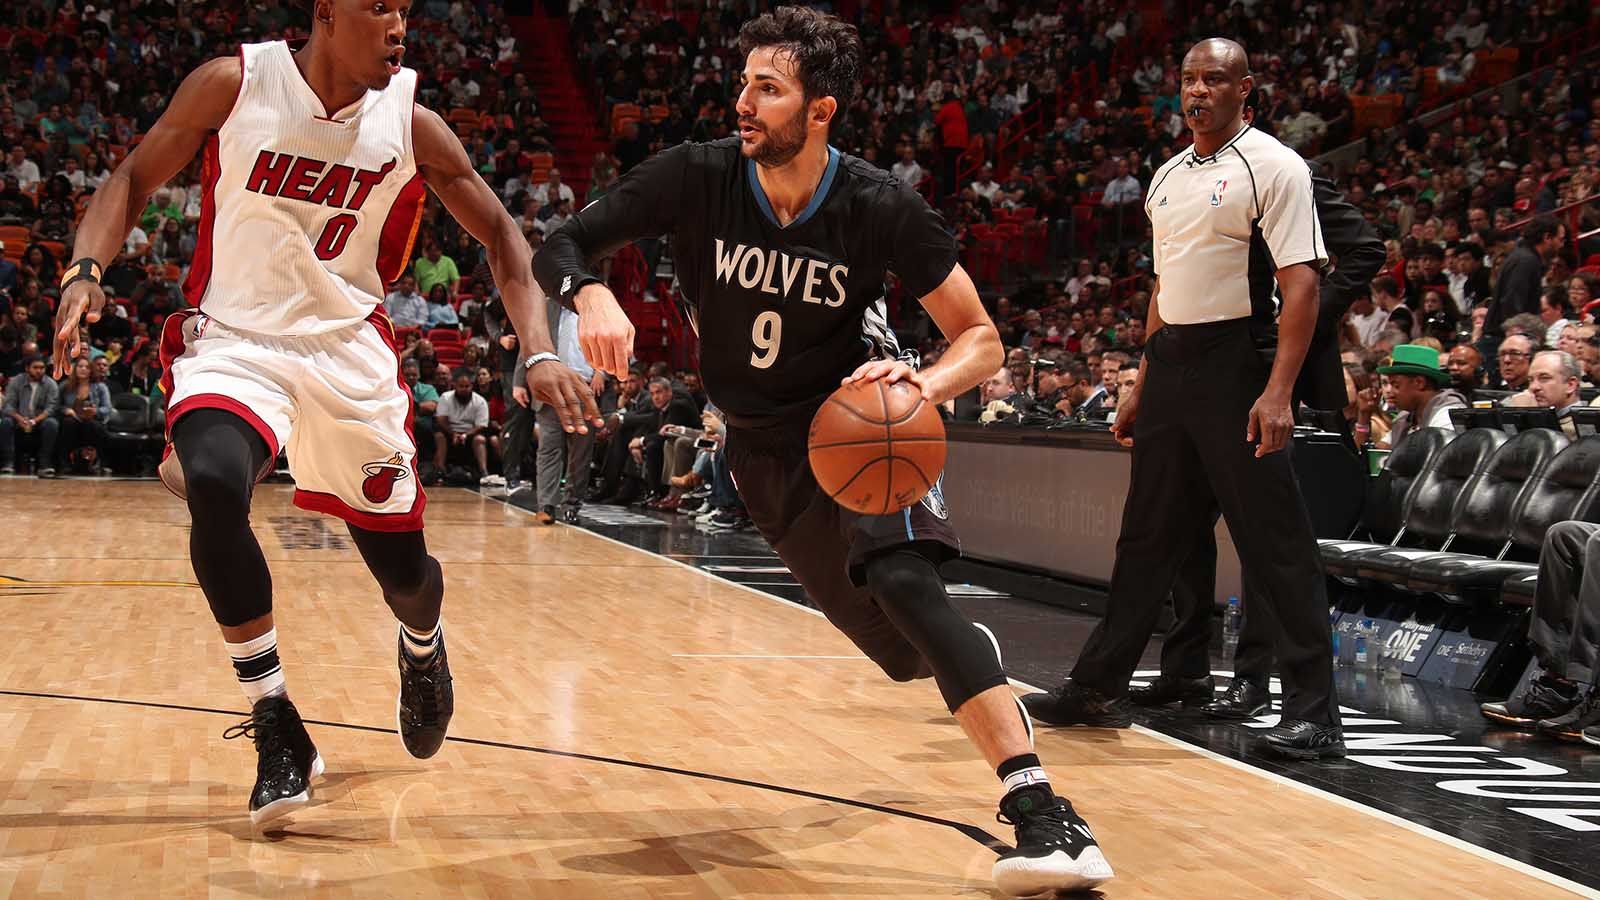 Wolves-Heat Twi-lights: Rubio won't stop scoring